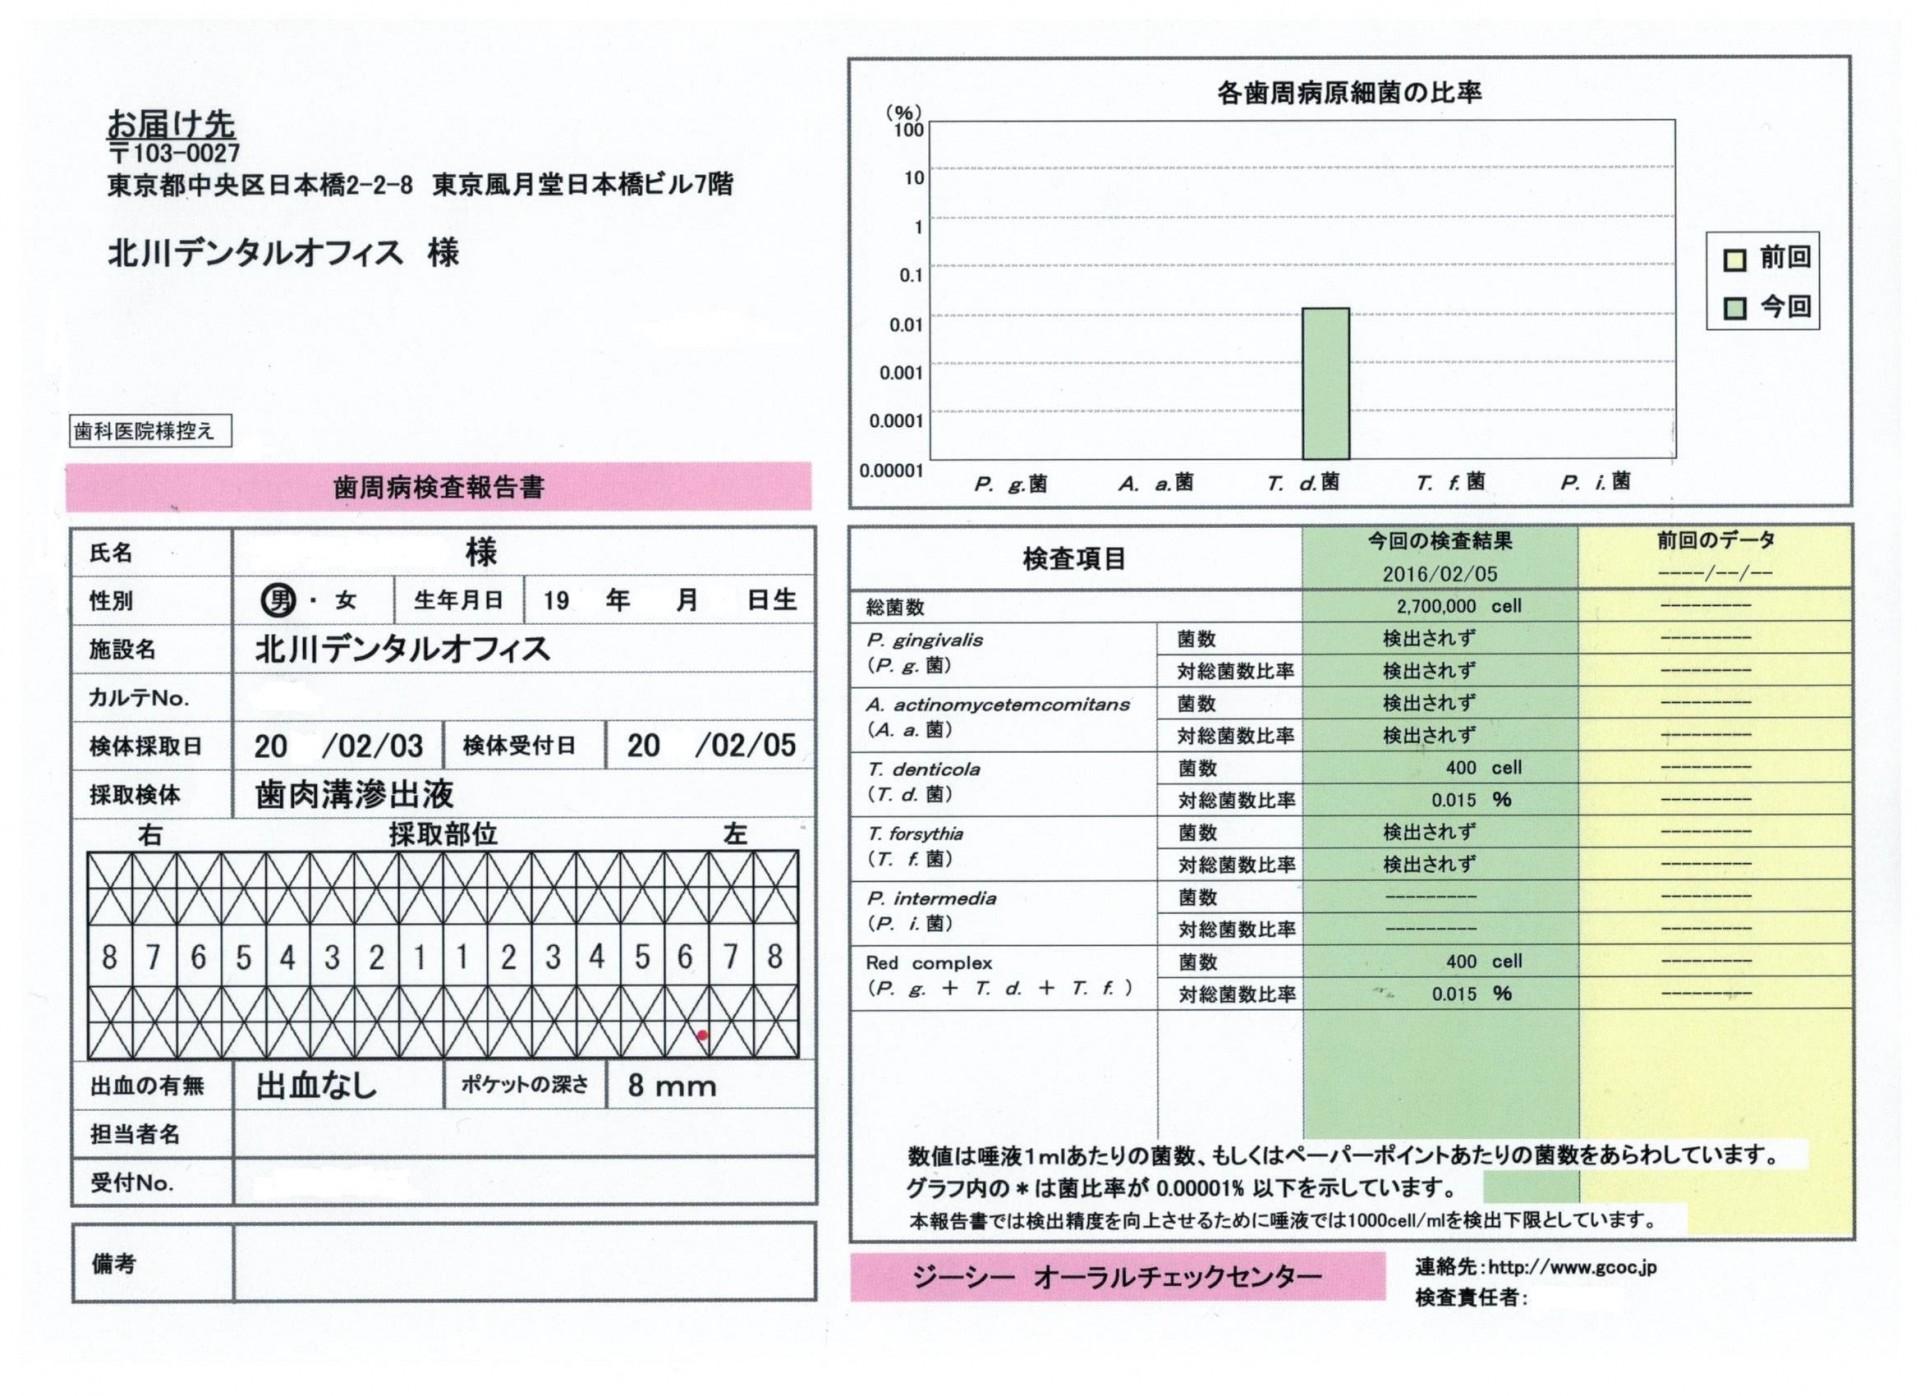 歯周病細菌検査20160215-1 001